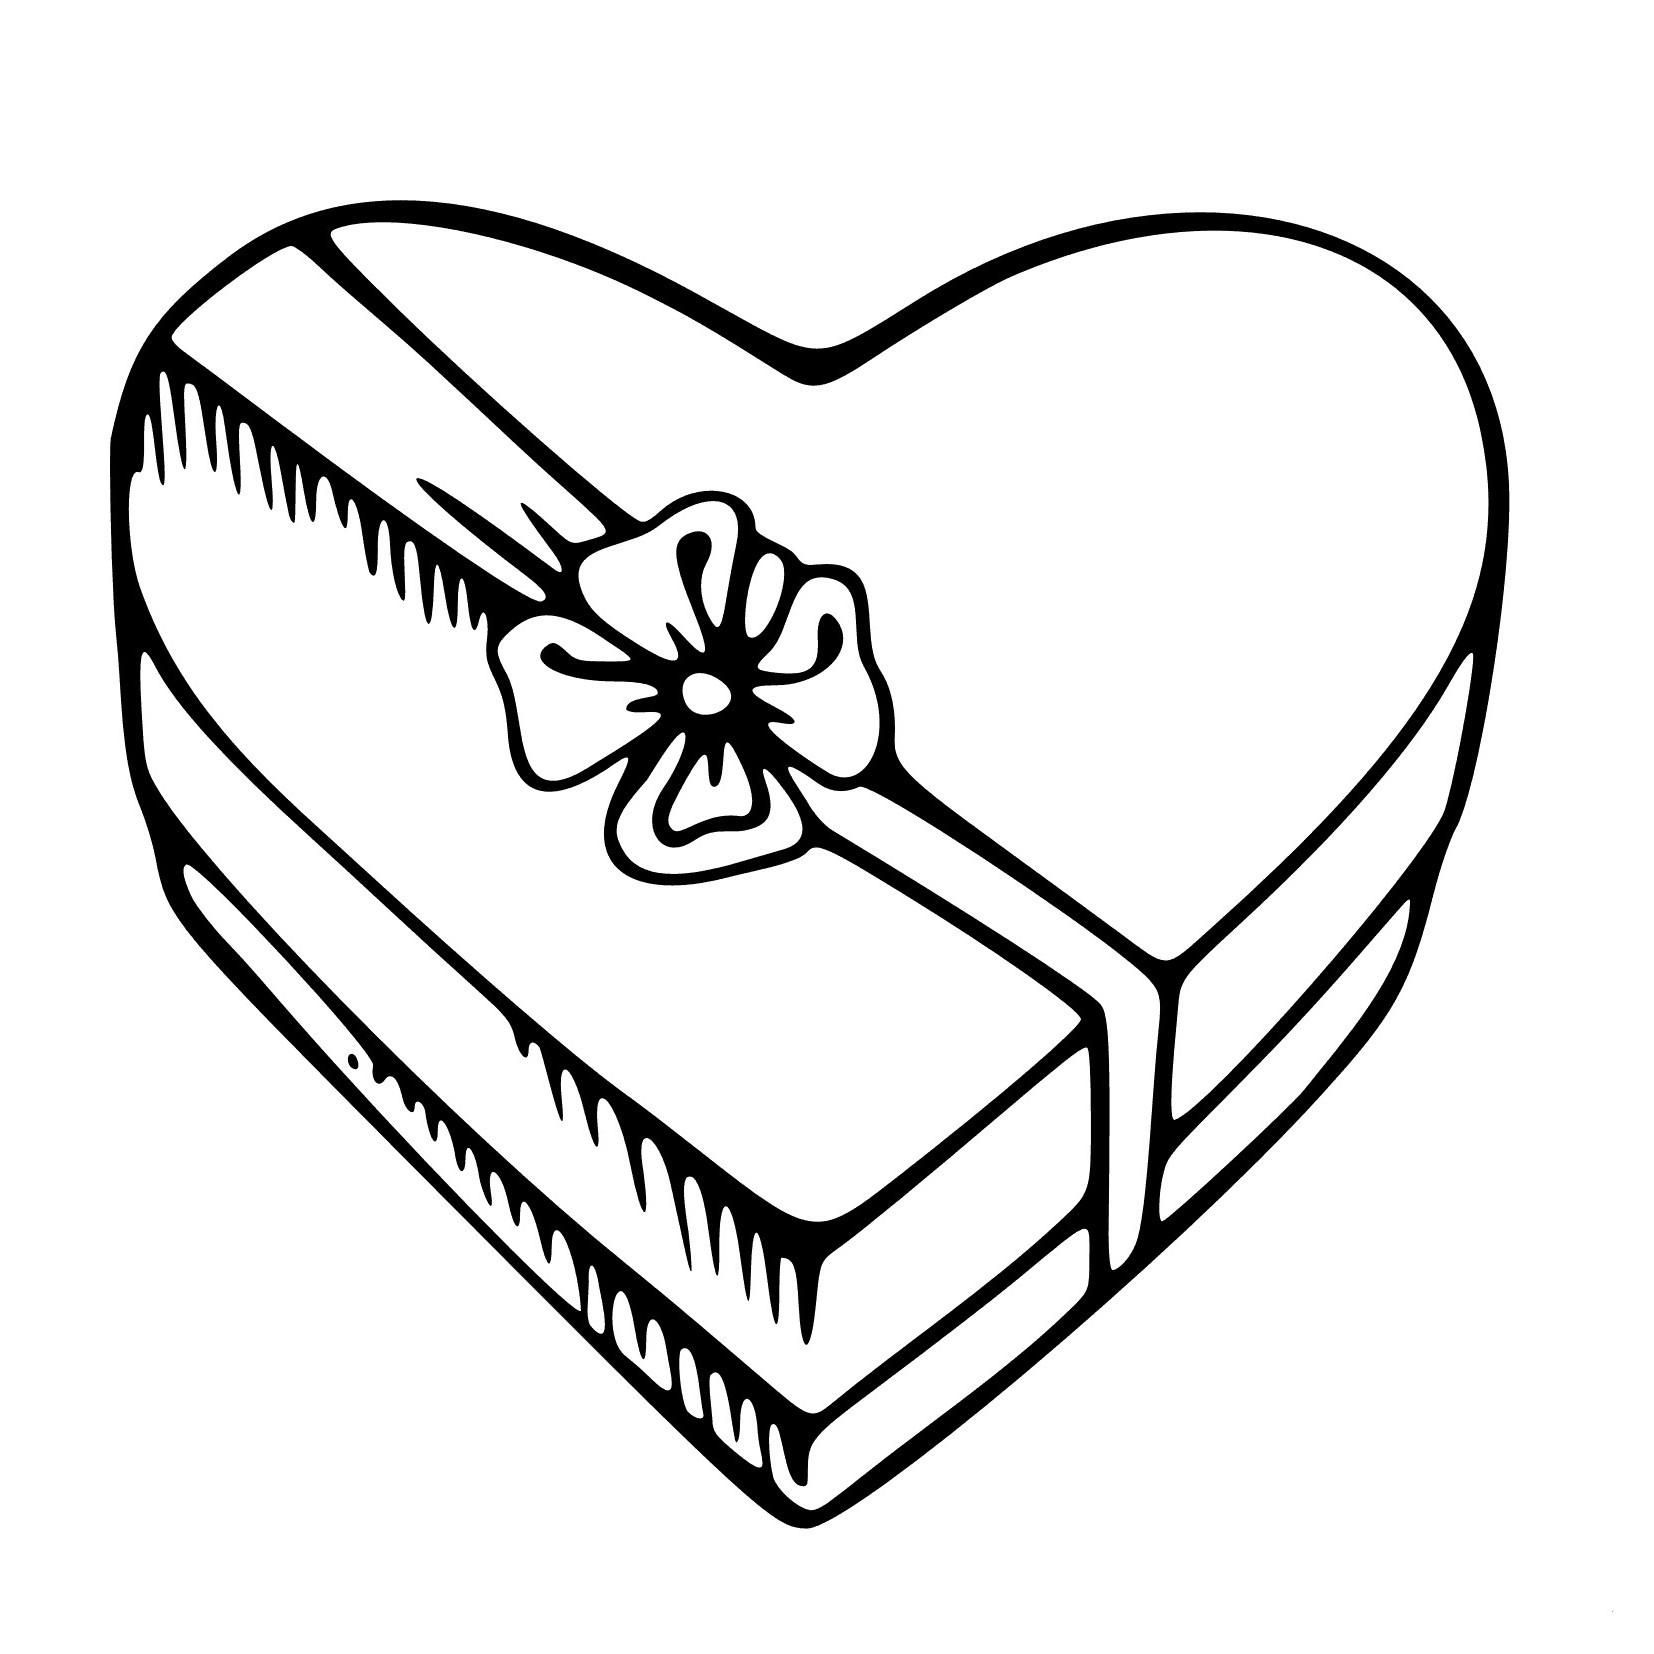 Herz Zum Ausmalen Inspirierend 35 Luxus Ausmalbilder Herz – Malvorlagen Ideen Bild